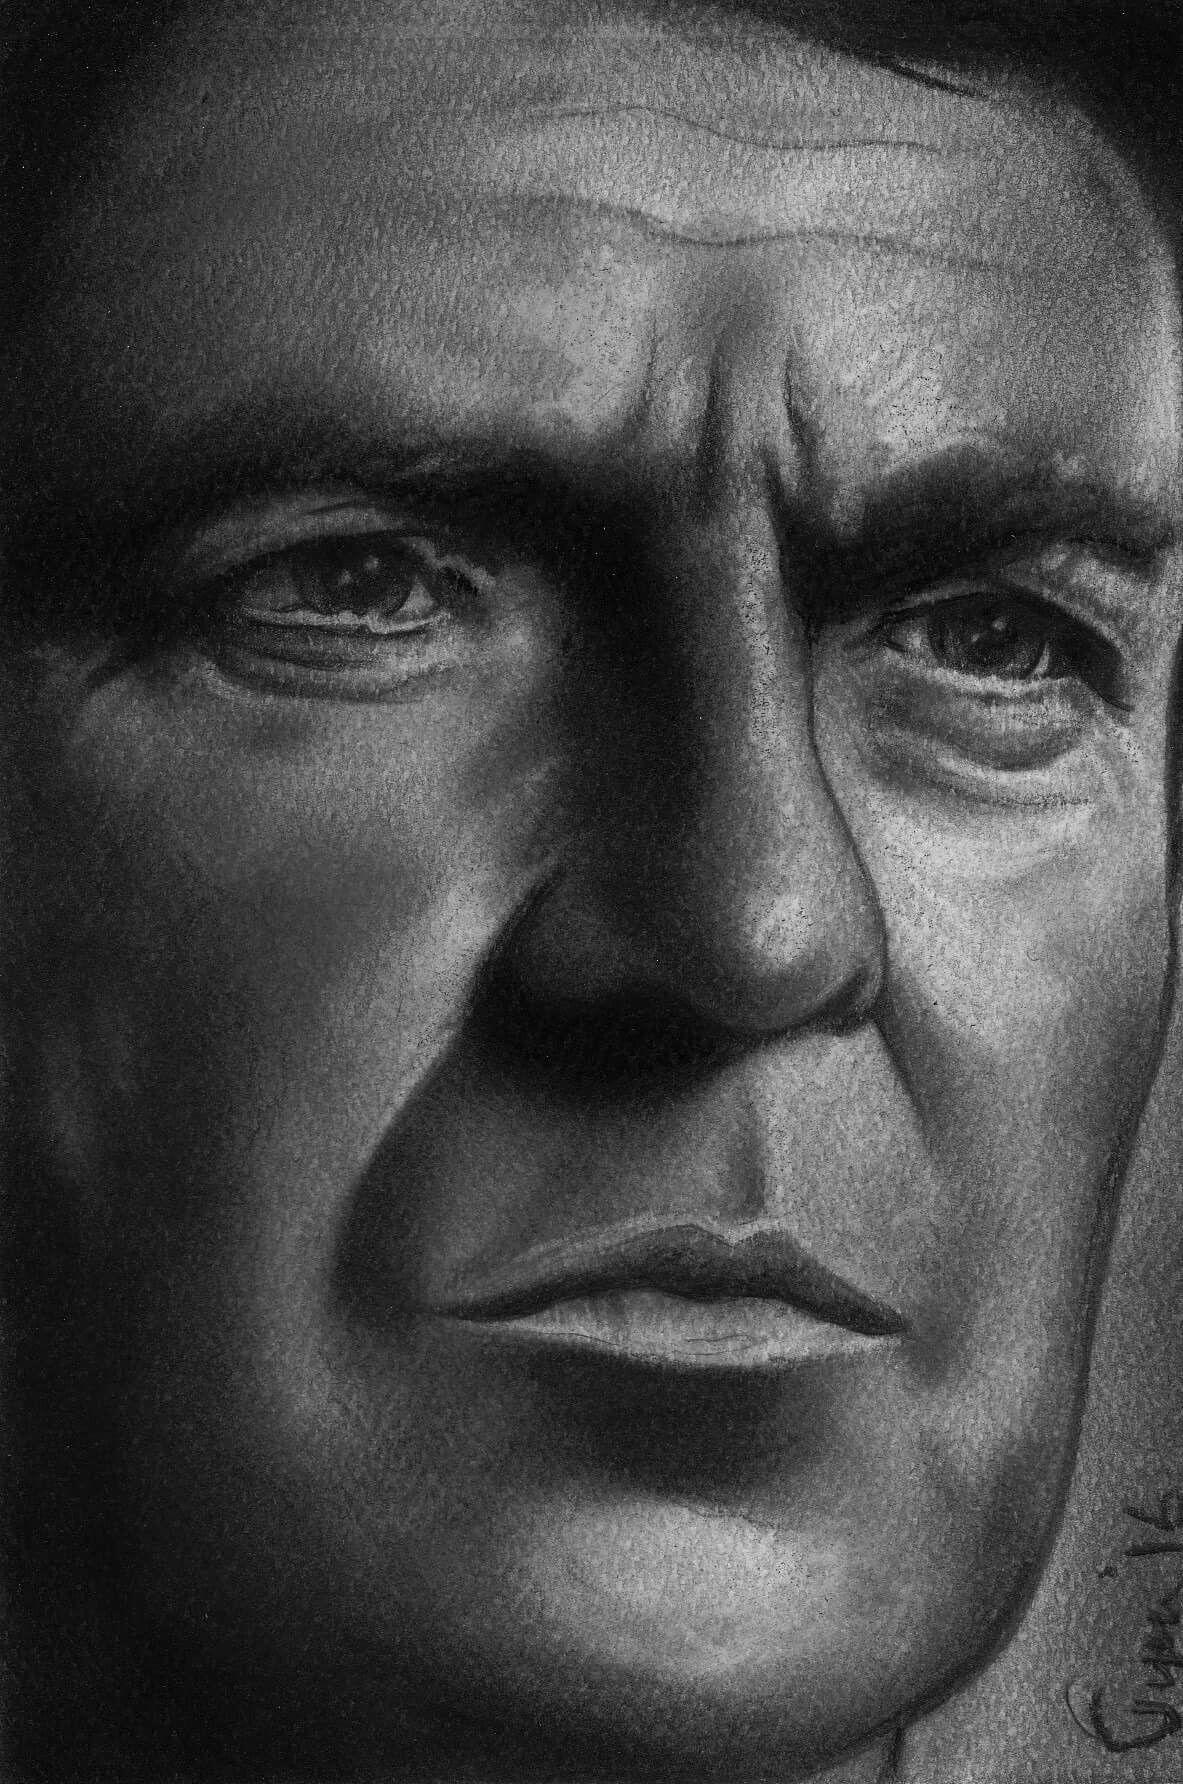 James Doohan.